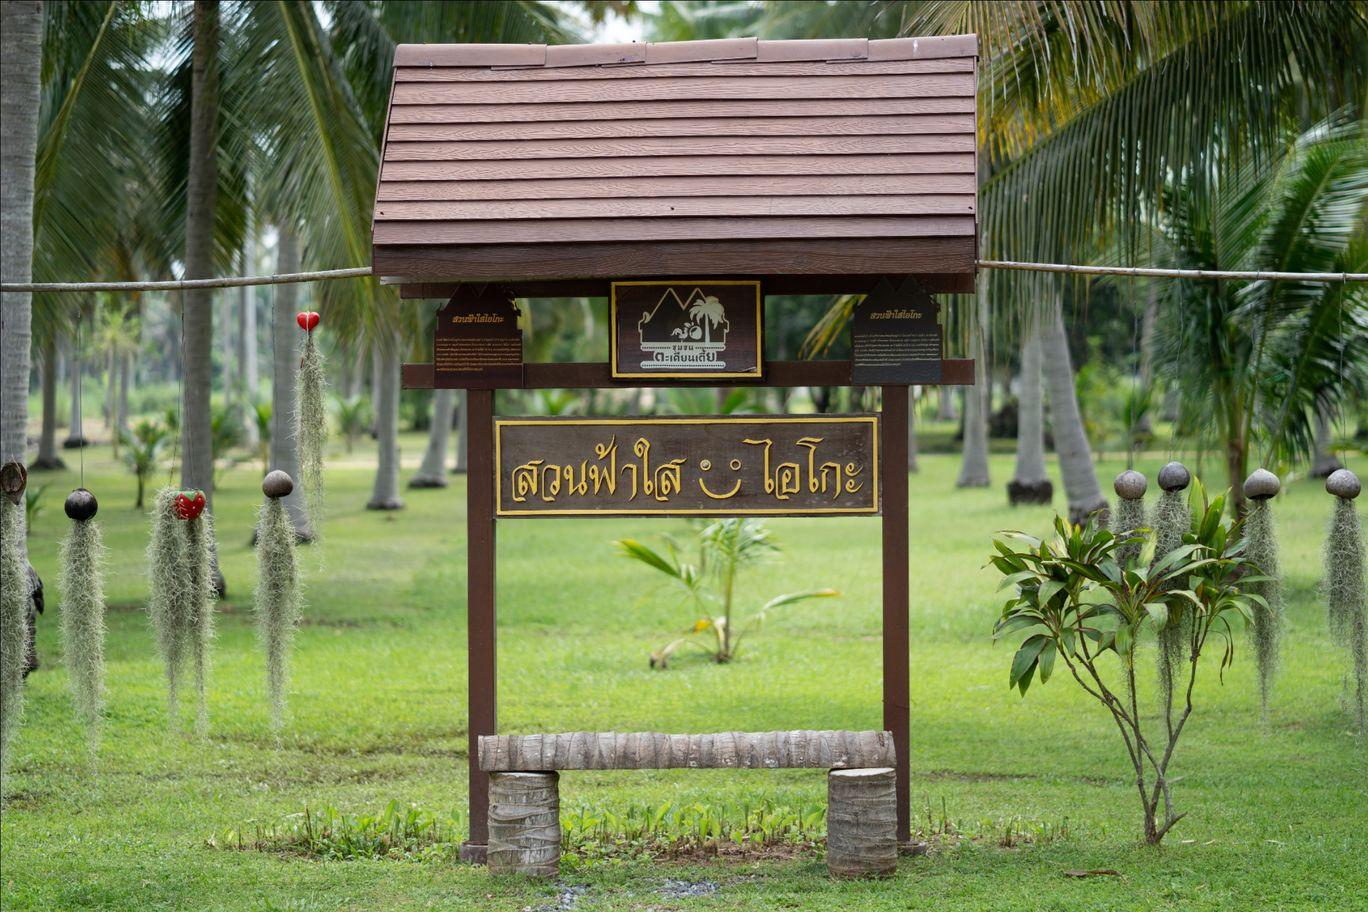 Photo of Municipality Takiantia By Aparna Sharma